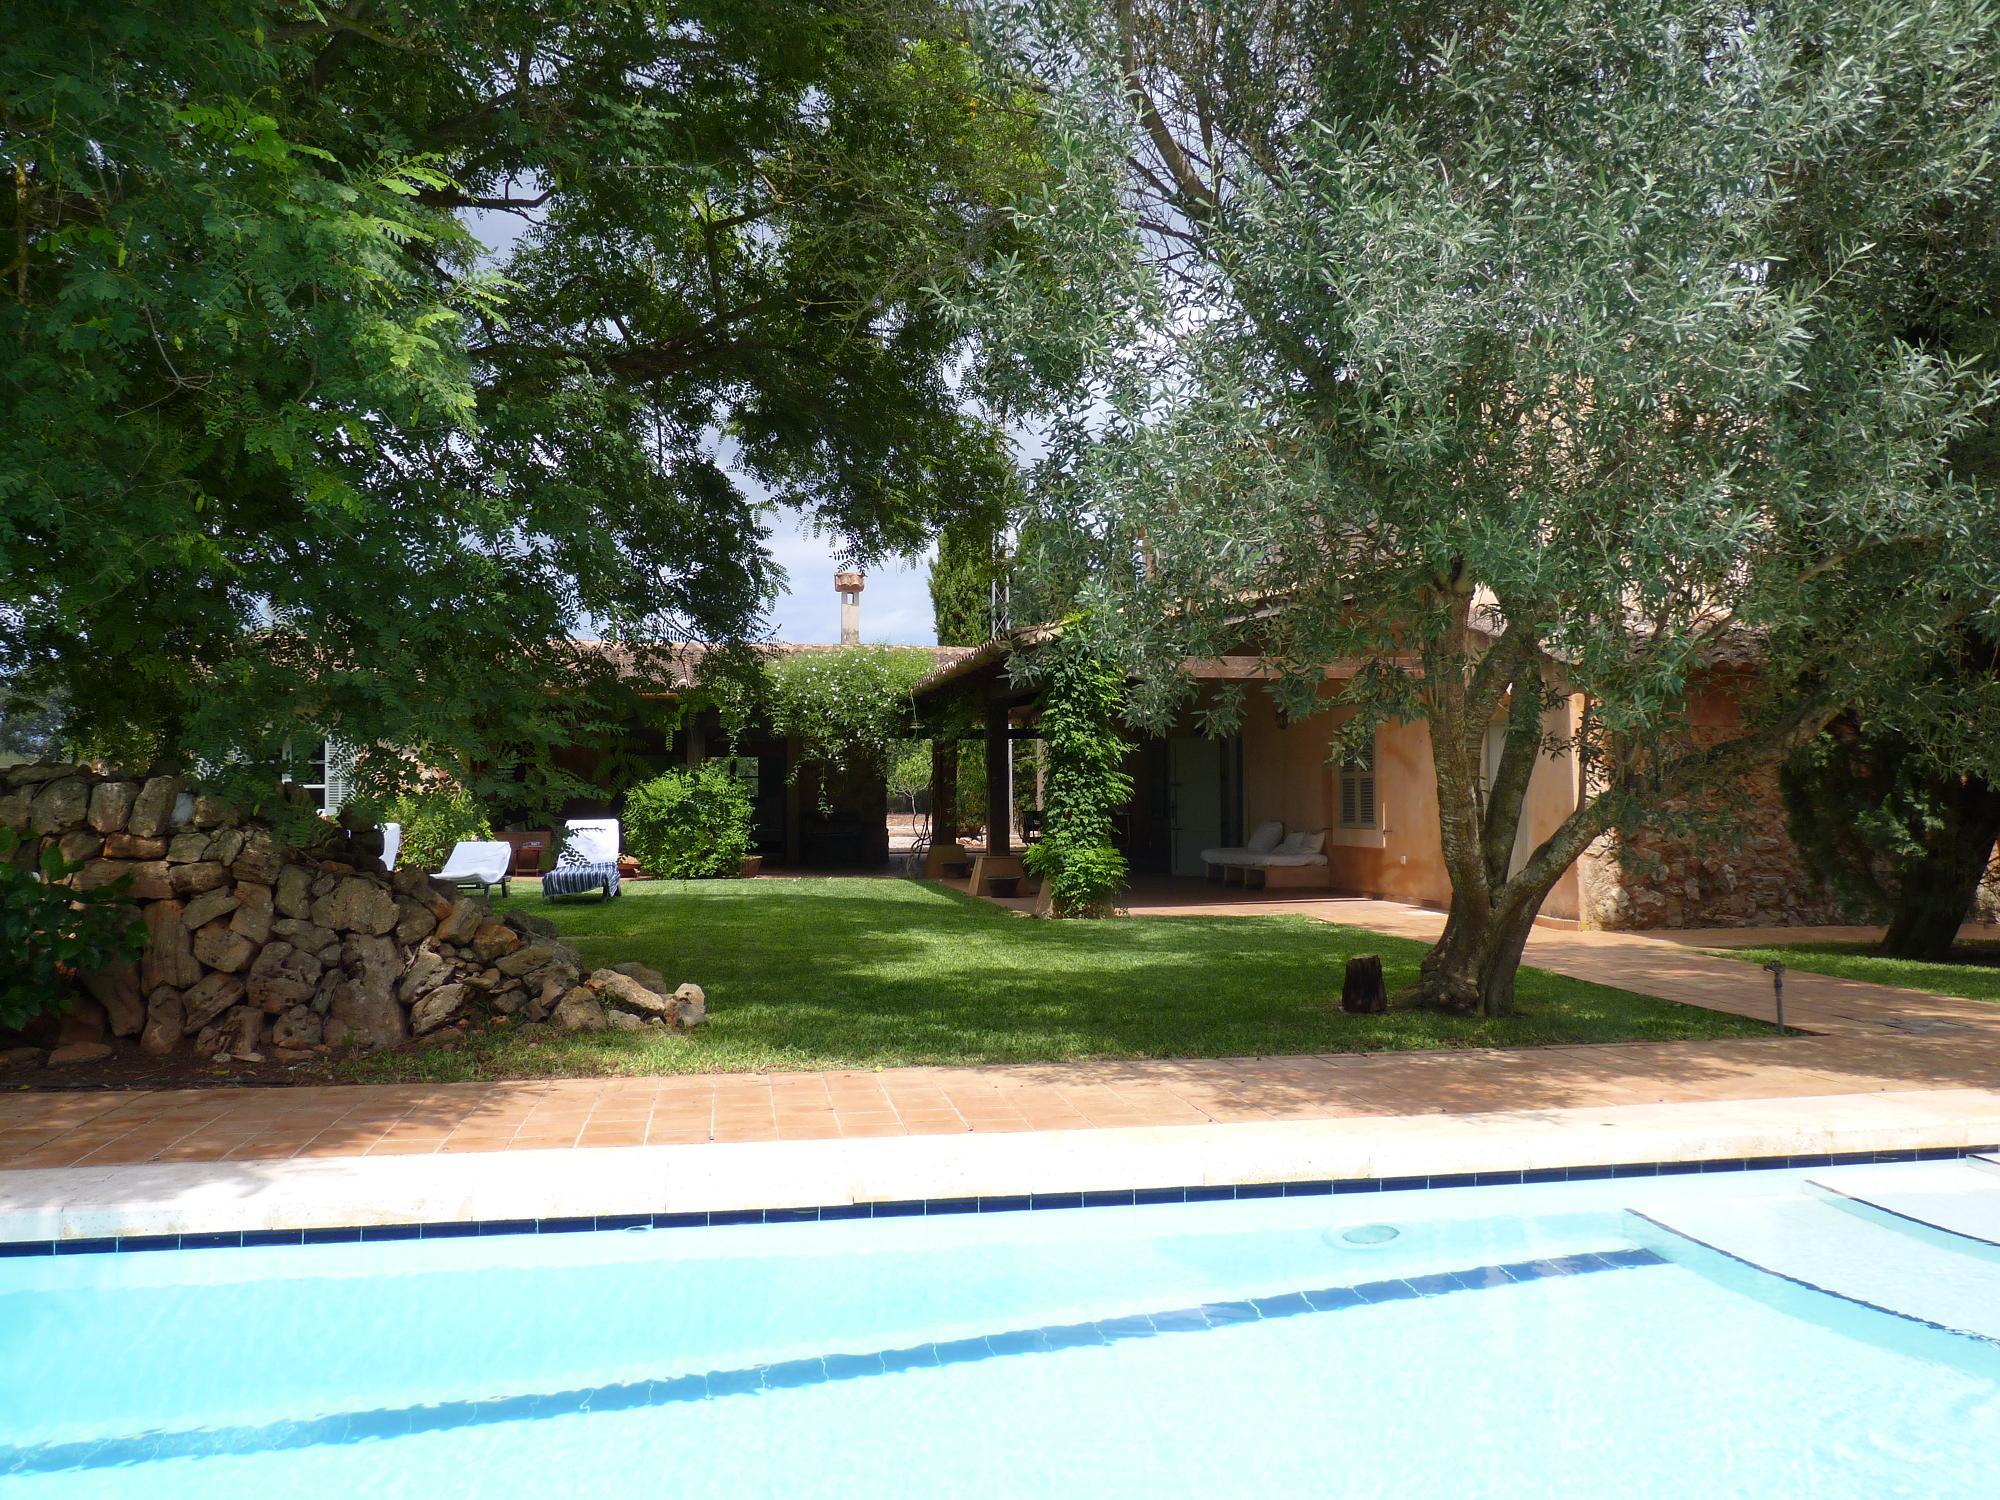 Casa Porreres: luxury holiday villa in Mallorca